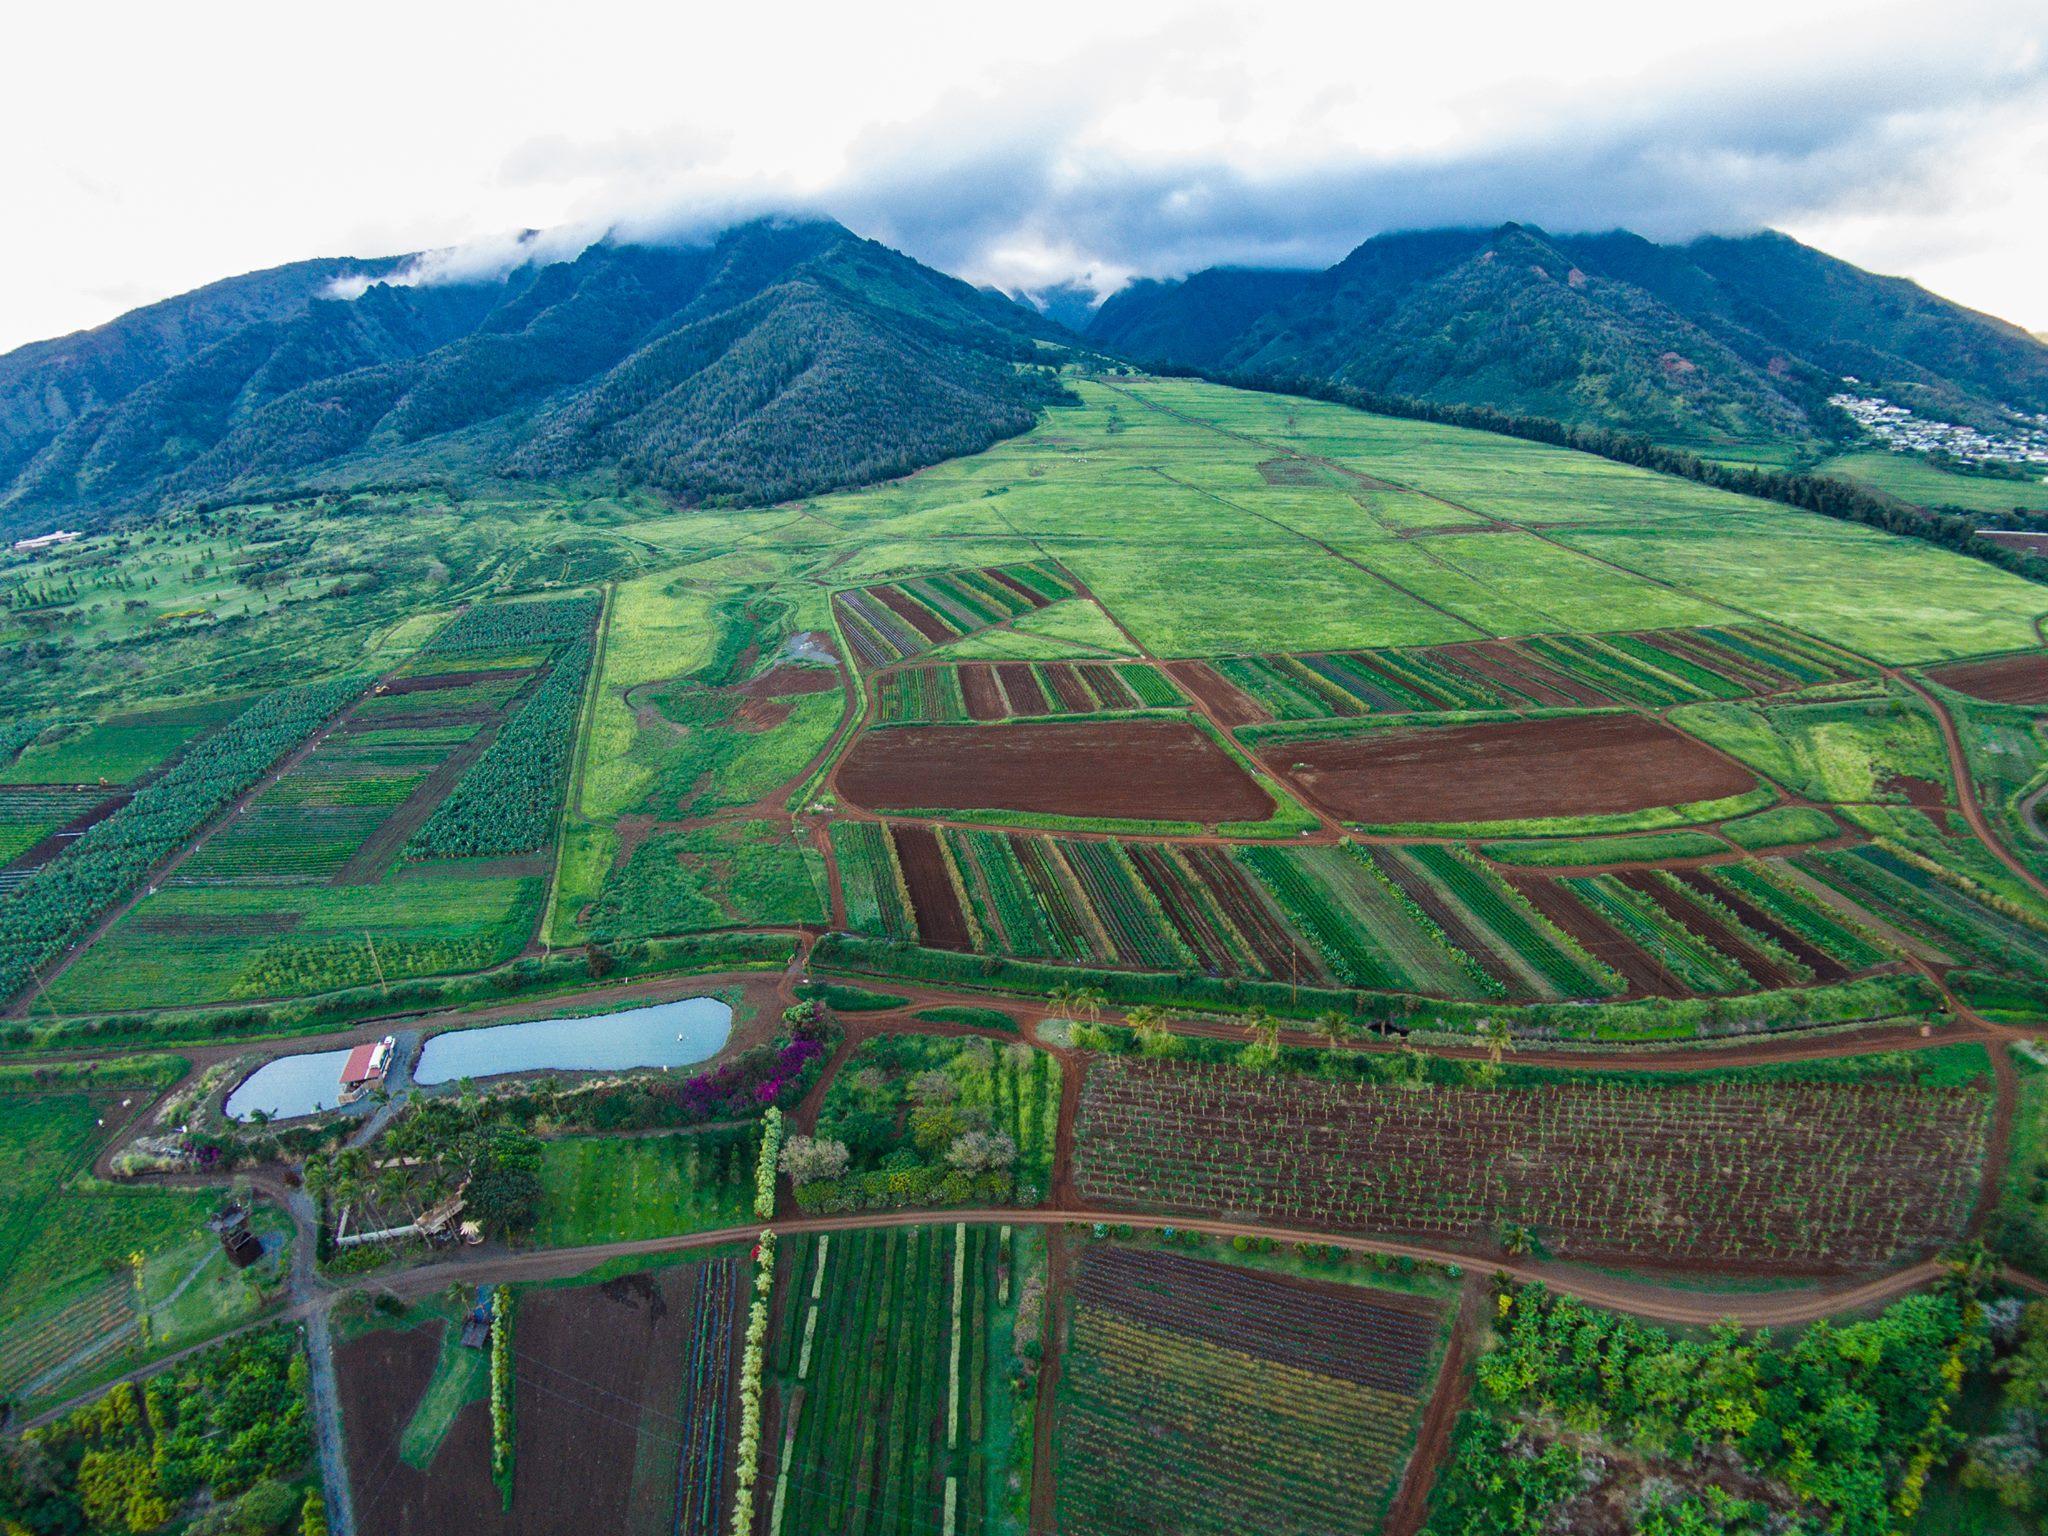 Maui Tropical Plantation Waikapu Mountainside